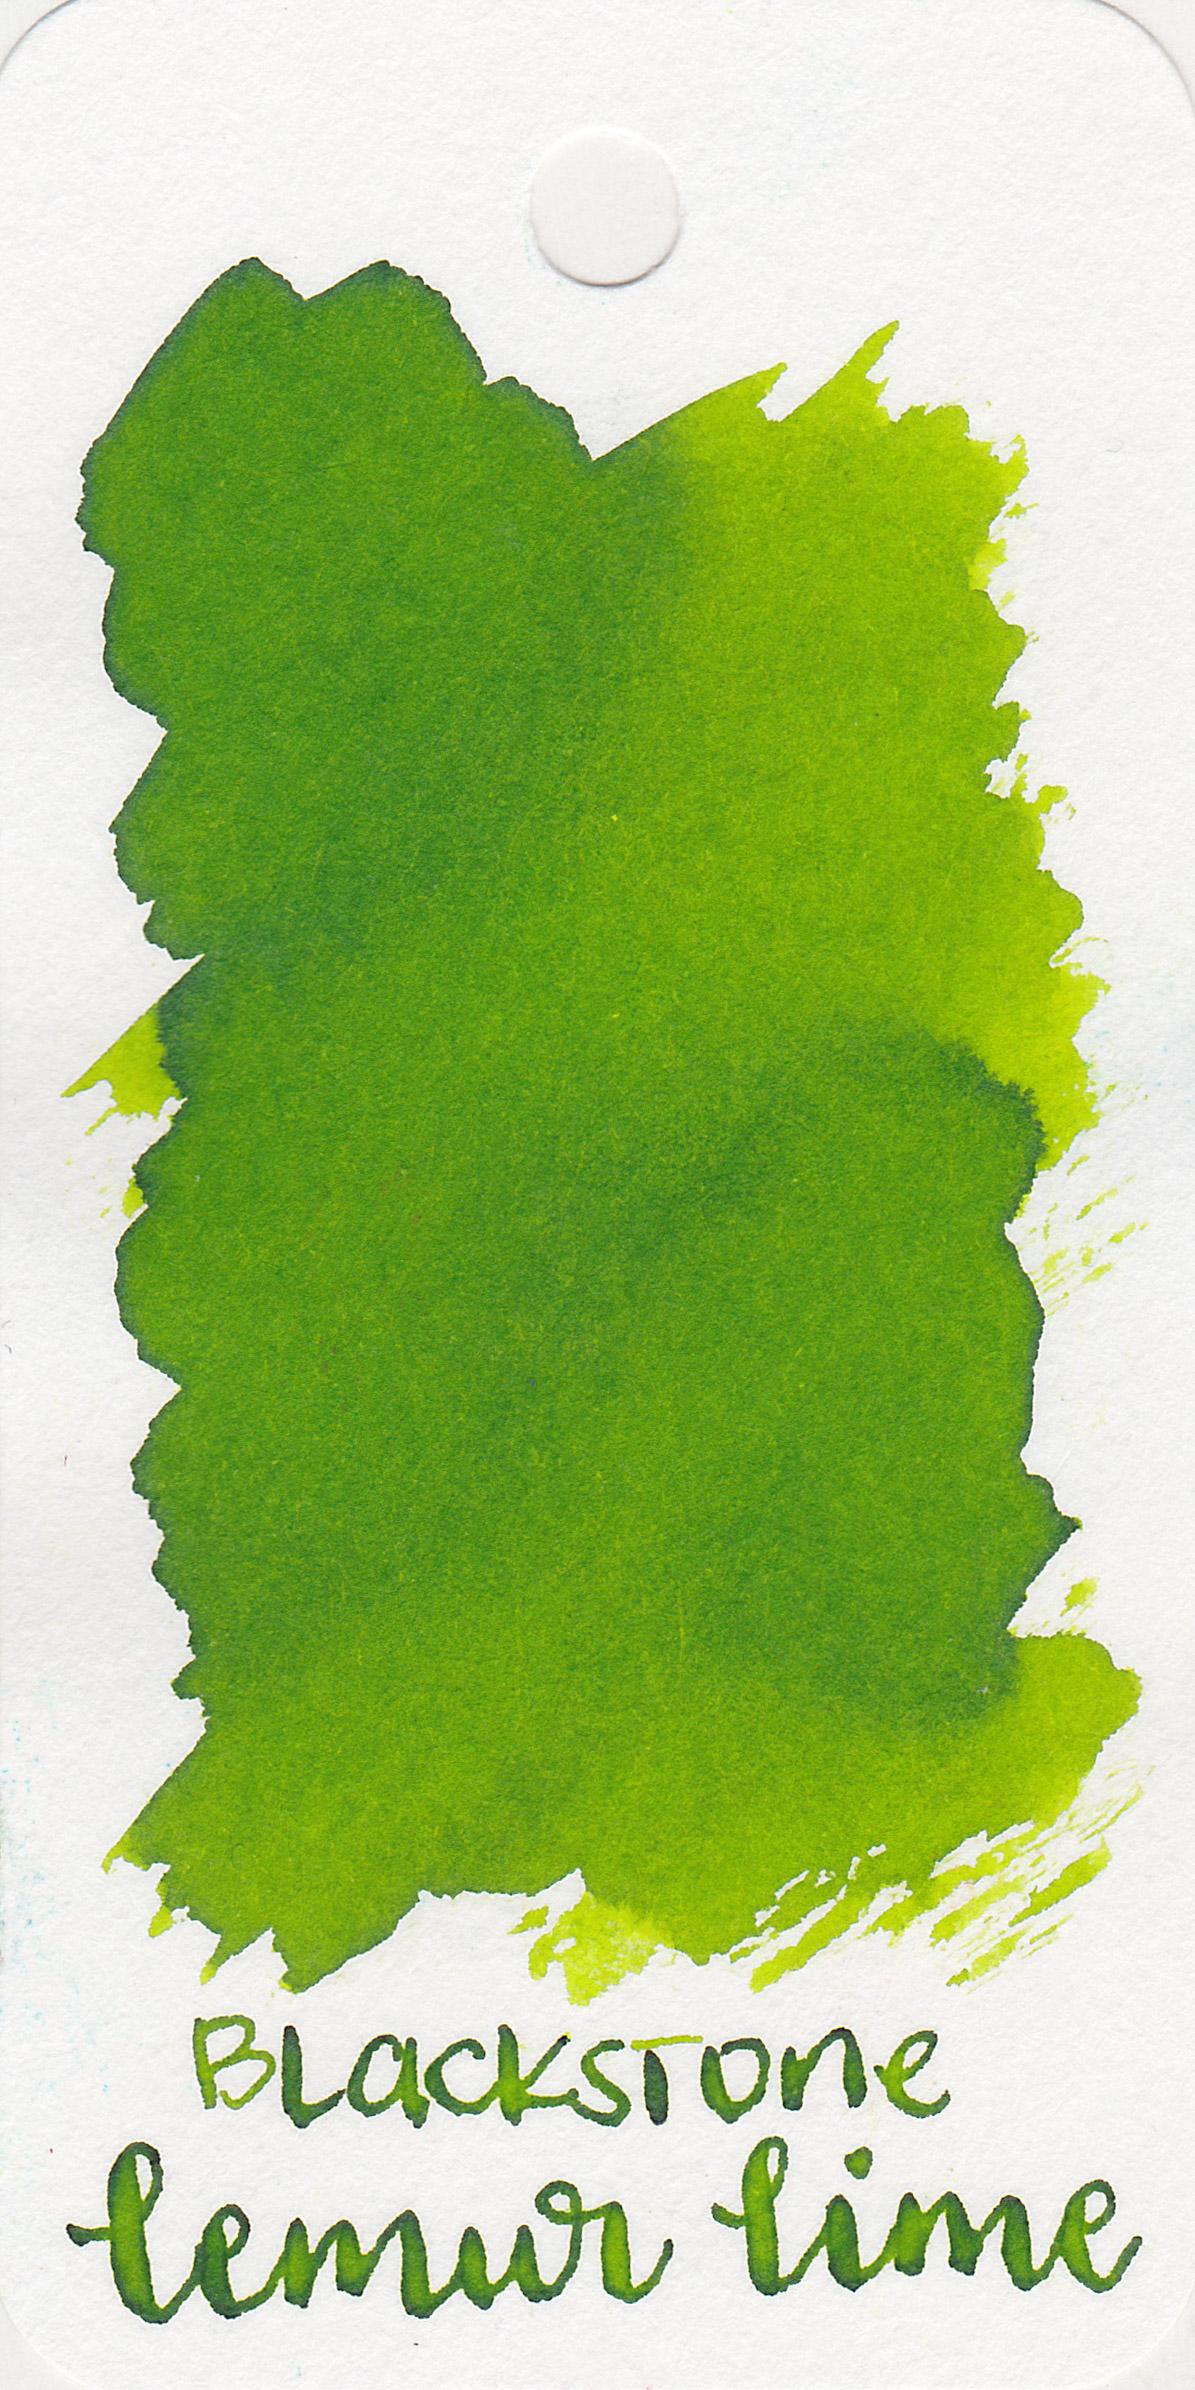 bs-lemur-lime-1.jpg